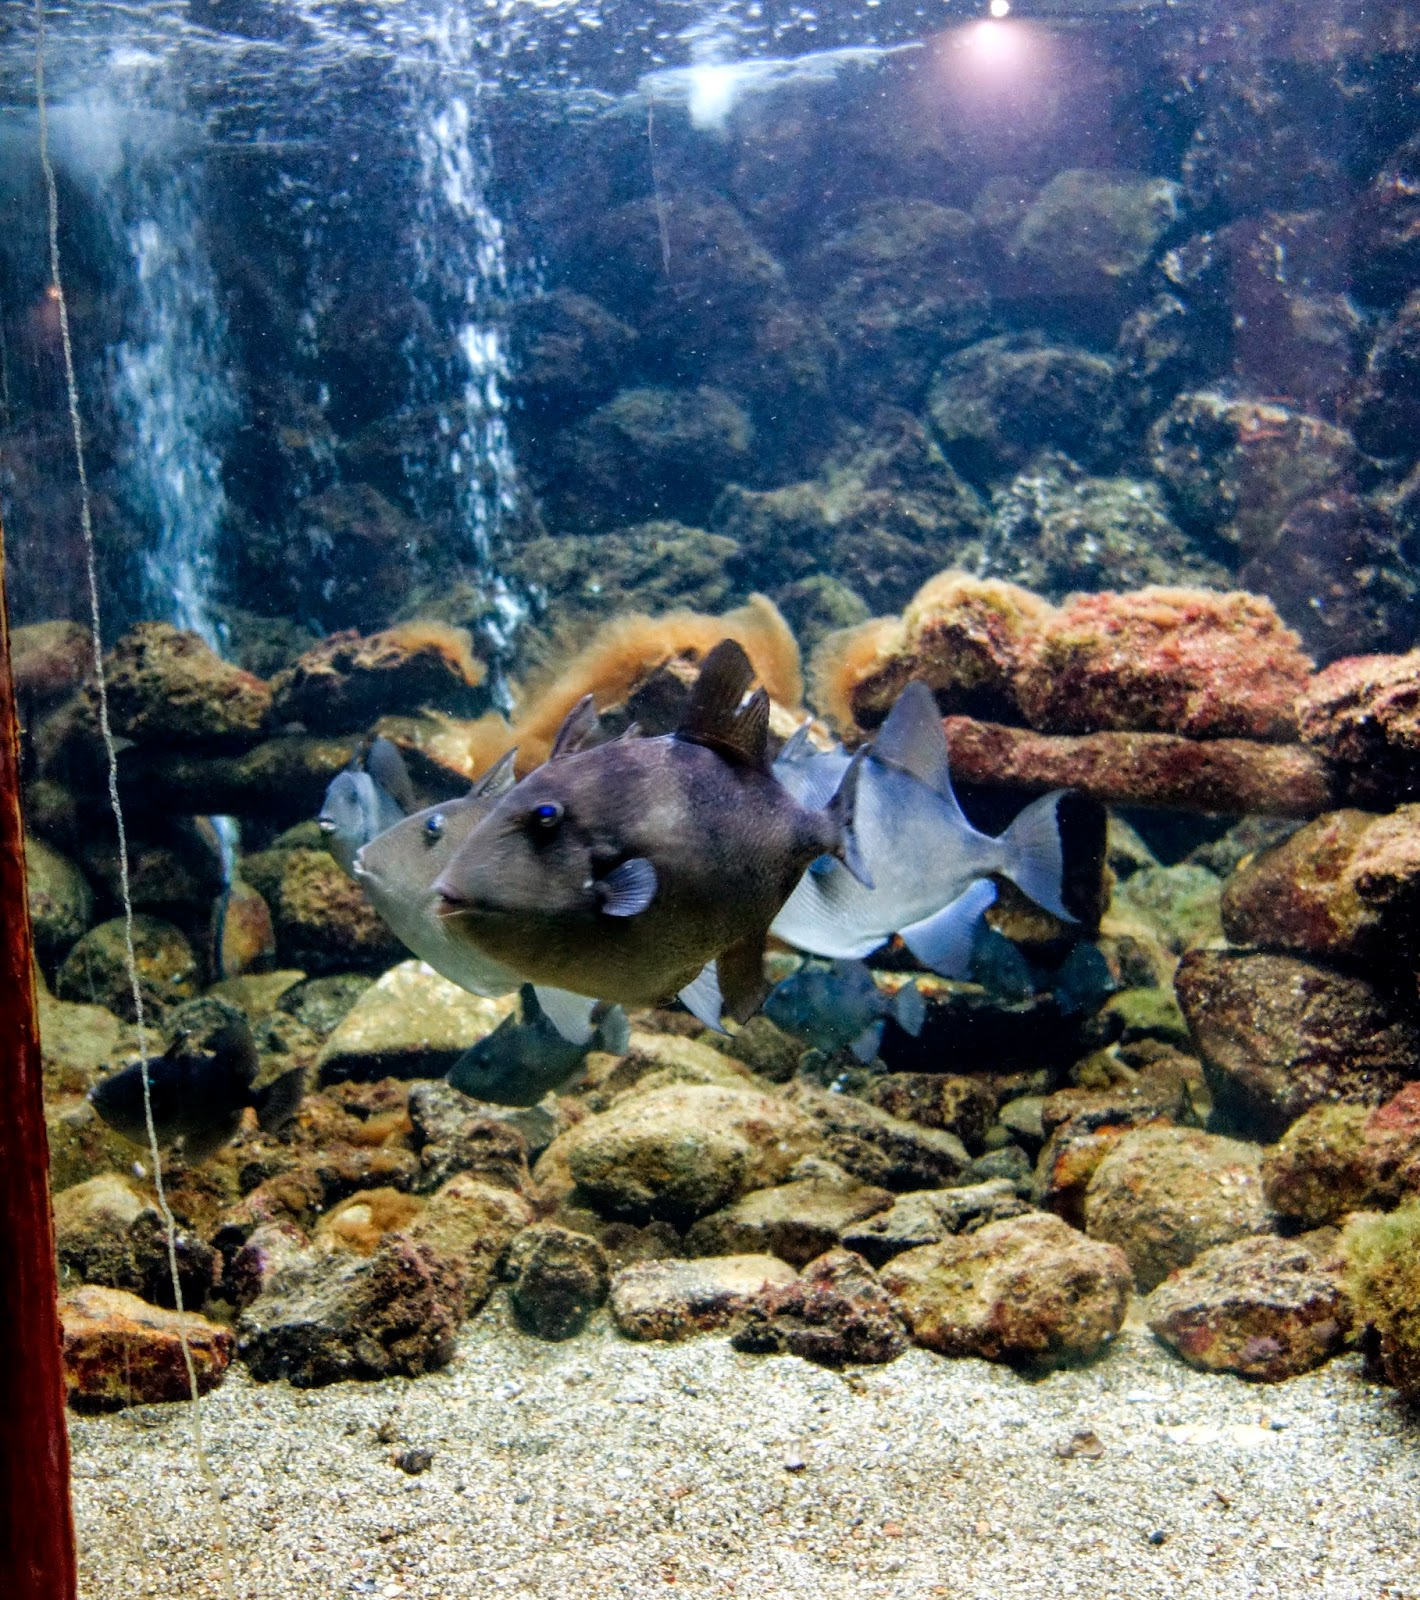 Il Blog Di Ciro Discepolo November In Naples The Aquarium